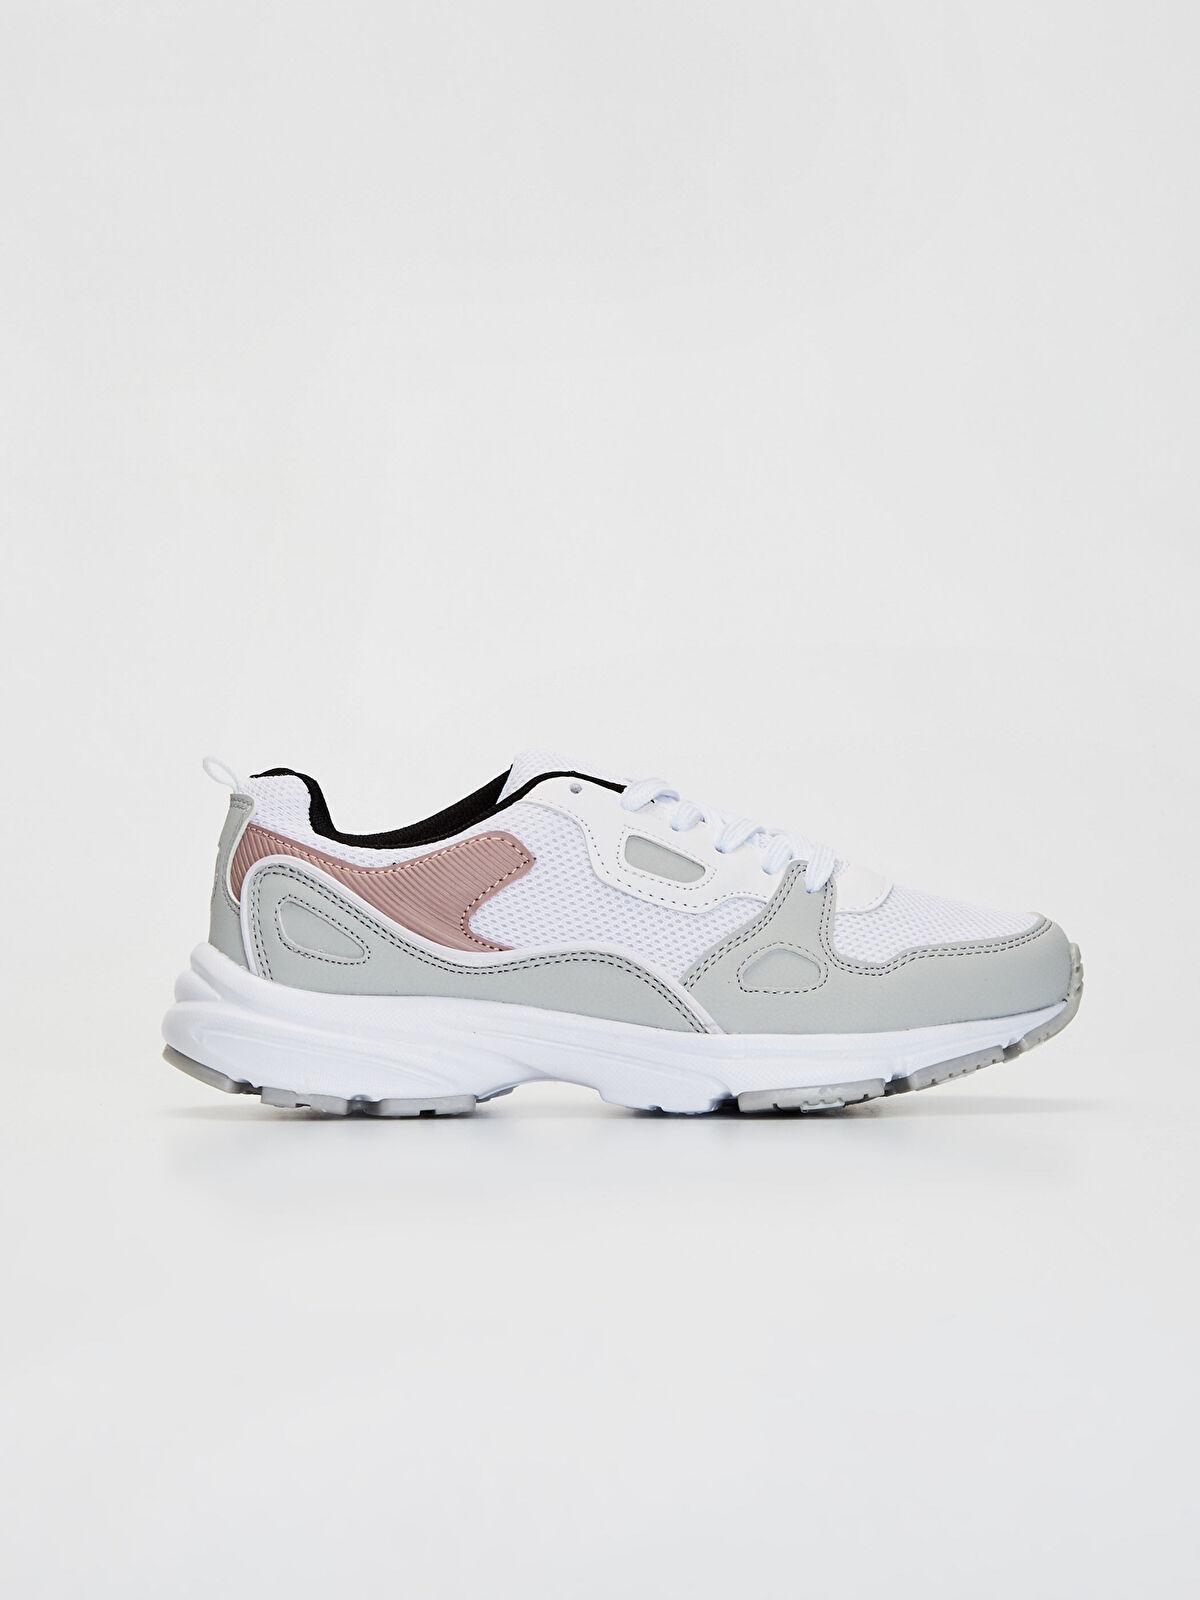 Kadın Aktif Spor Ayakkabı - LC WAIKIKI